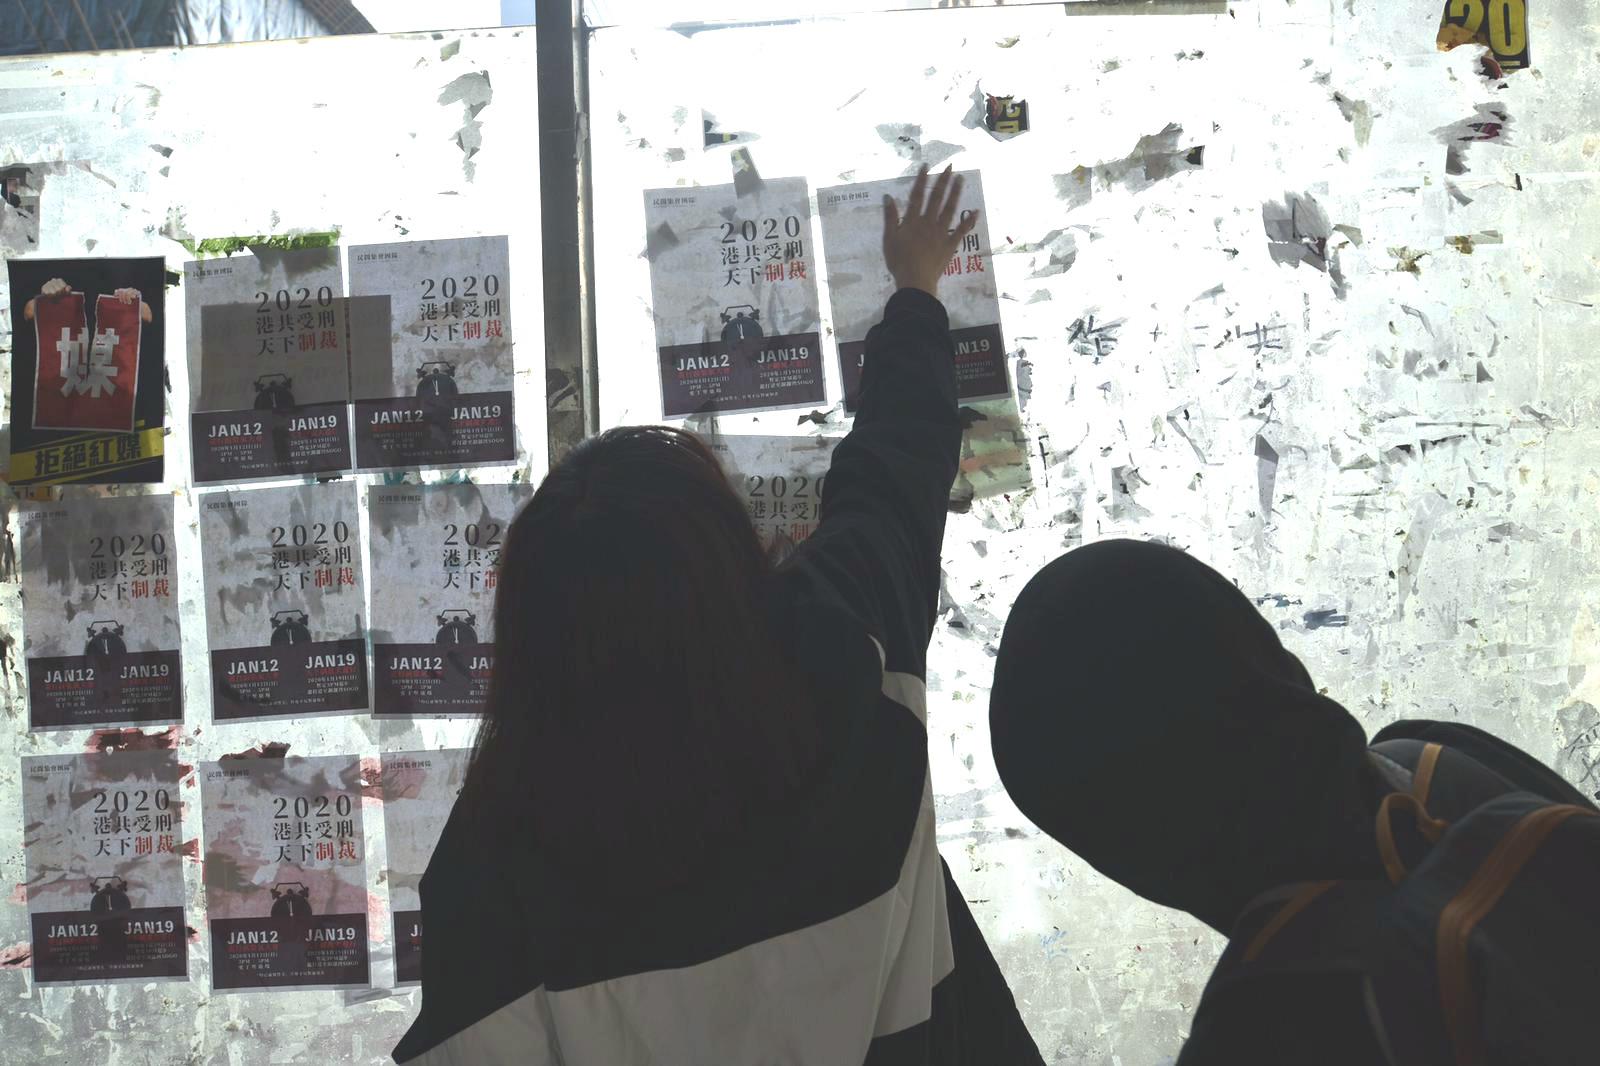 【修例风波】示威者港岛多处贴标语挥春 称要答谢「勇武派」